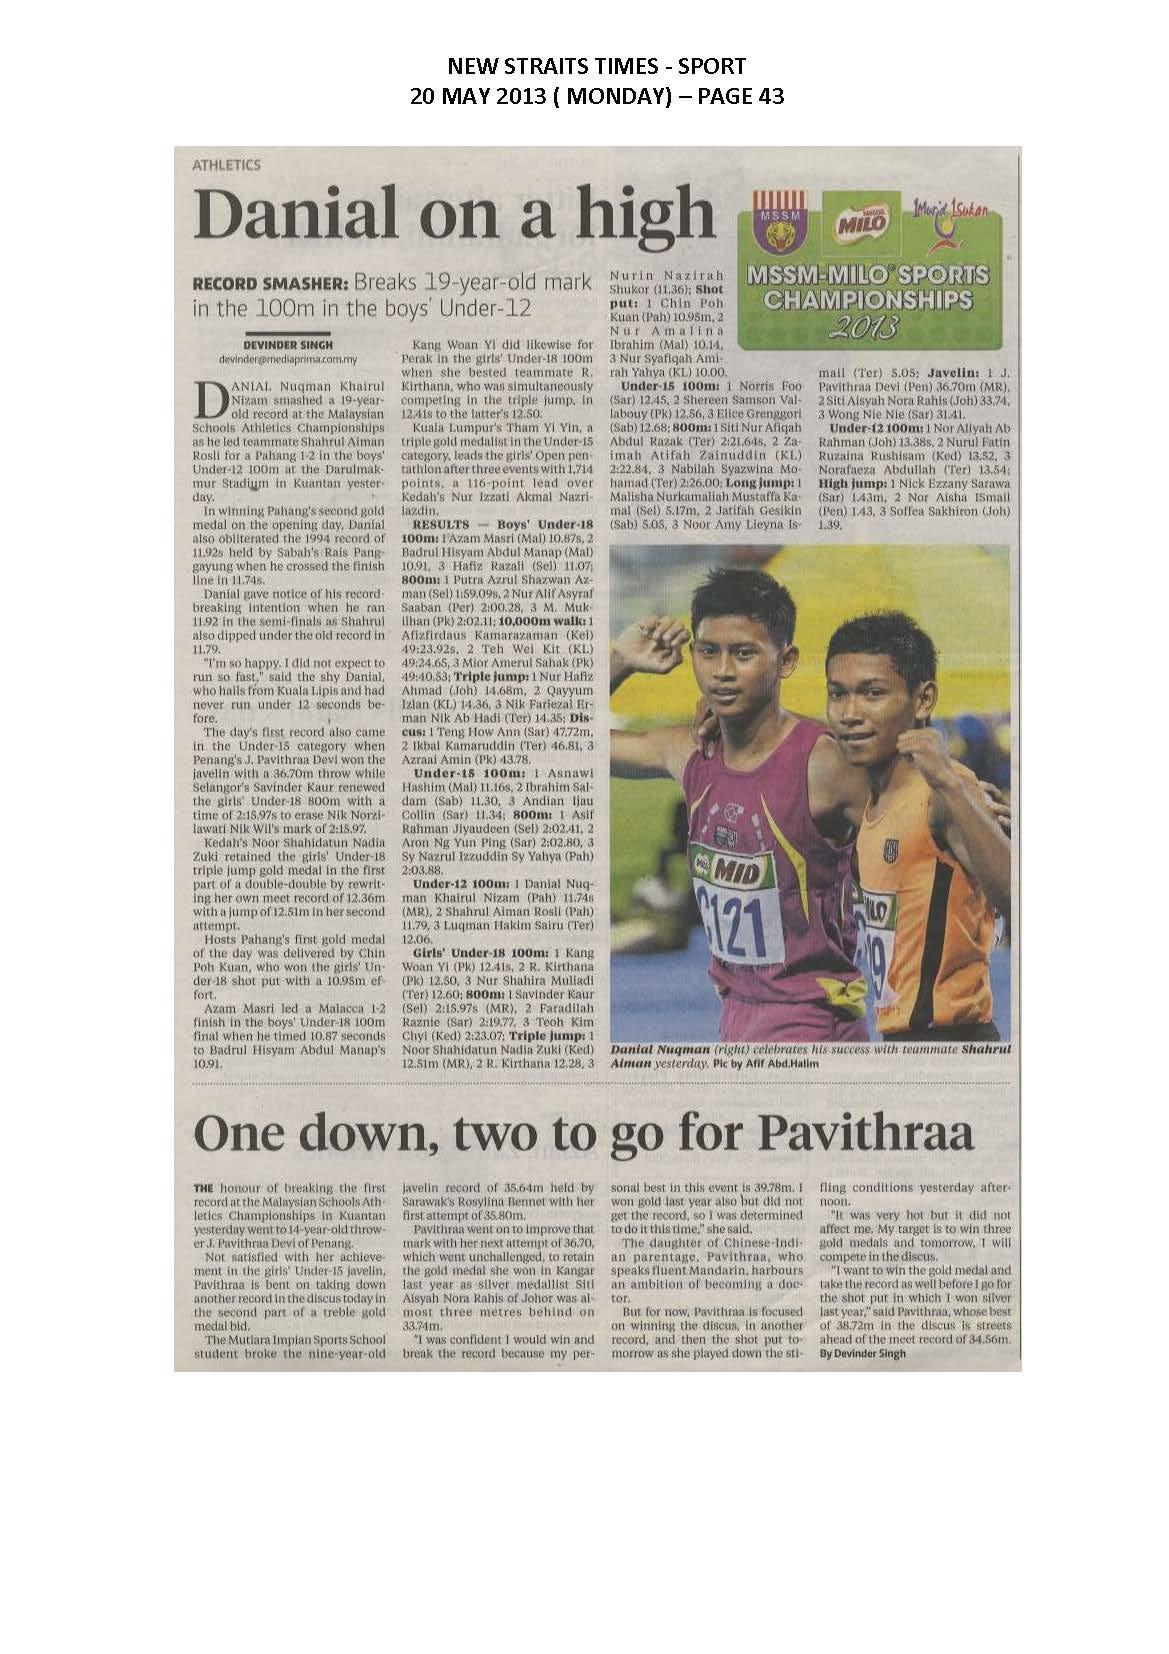 20.05.2013 - MSSM-MILO SPORTS CHAMPIONSHIPS 2013 - New Straits Times